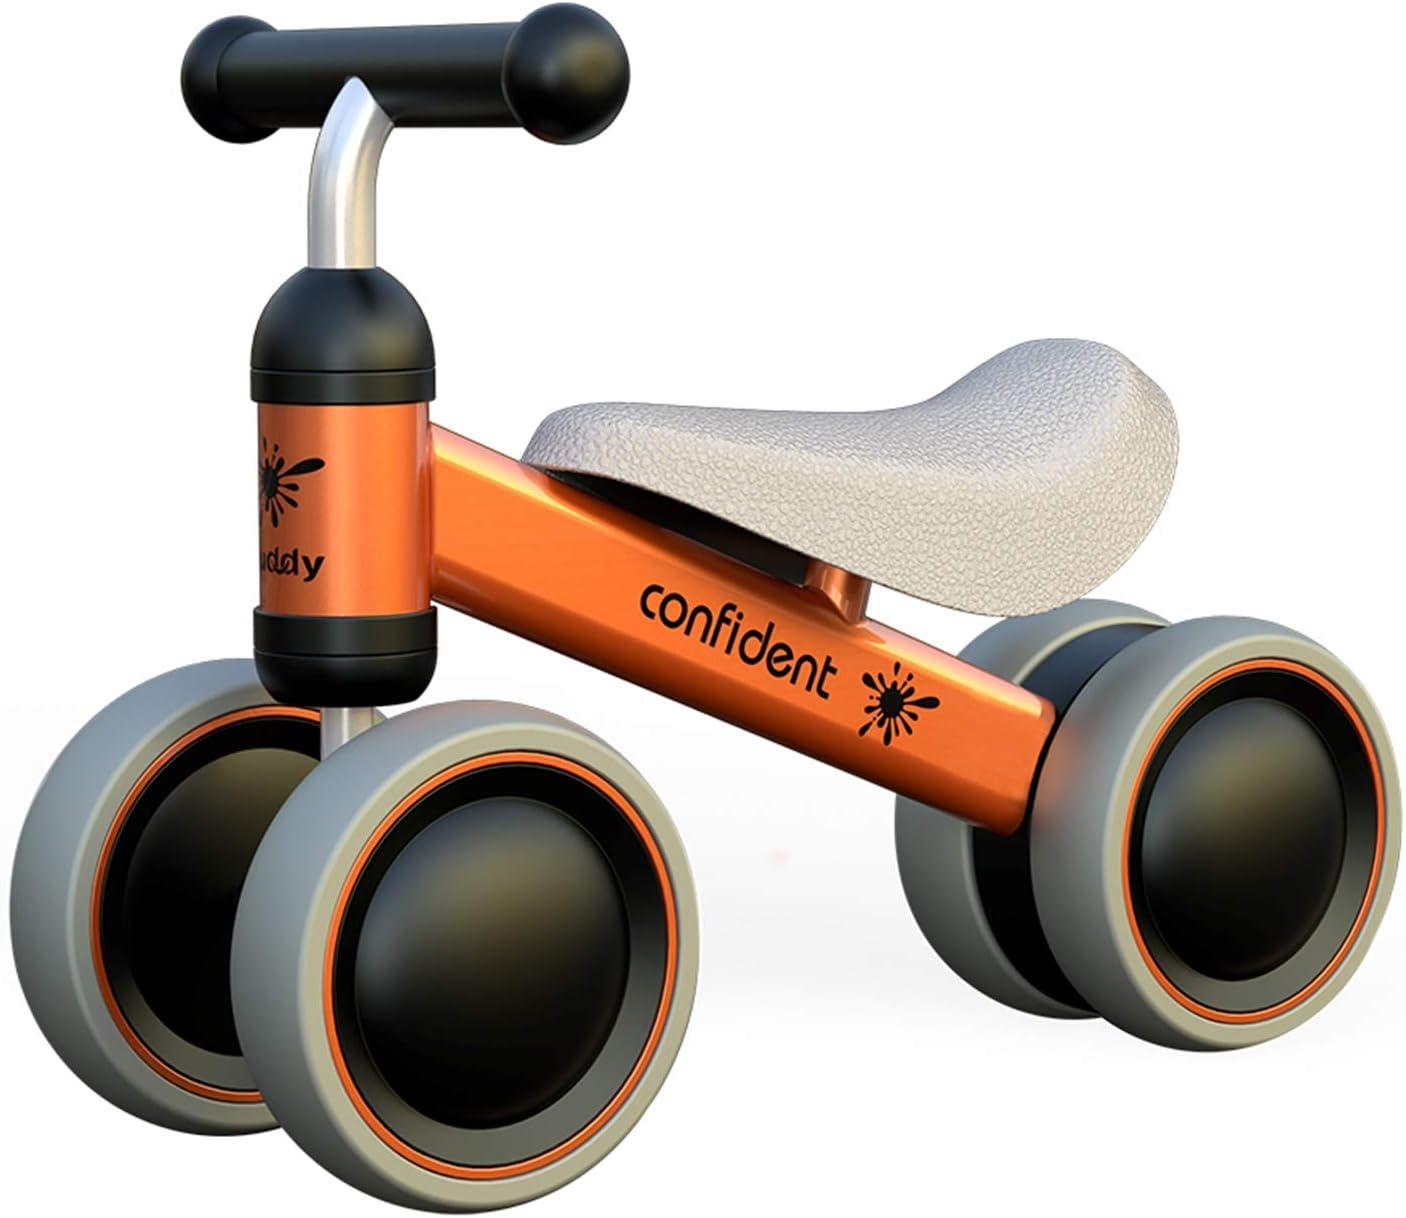 XIAPIA Bicicleta sin Pedales para Niños, Bicicleta Bebe 1 Año Bicicleta Equilibrio 1 Año Bicicleta Infantil sin Pedales de Forma Animal Lindo de Regalo Favorito del Niño (Naranja)